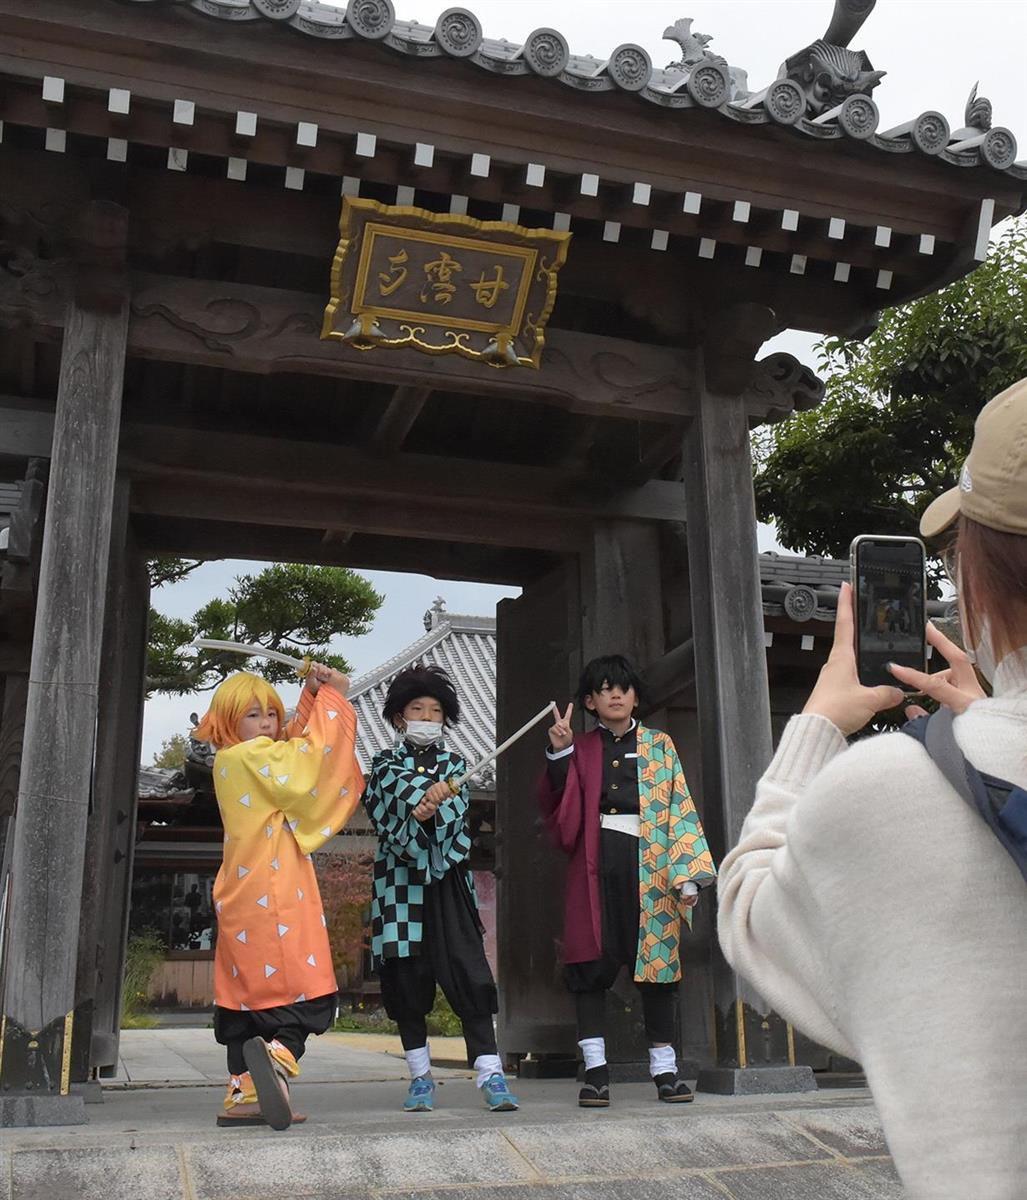 「鬼滅の刃」のキャラクターに扮して記念撮影をする人たち=和歌山県紀の川市の甘露寺